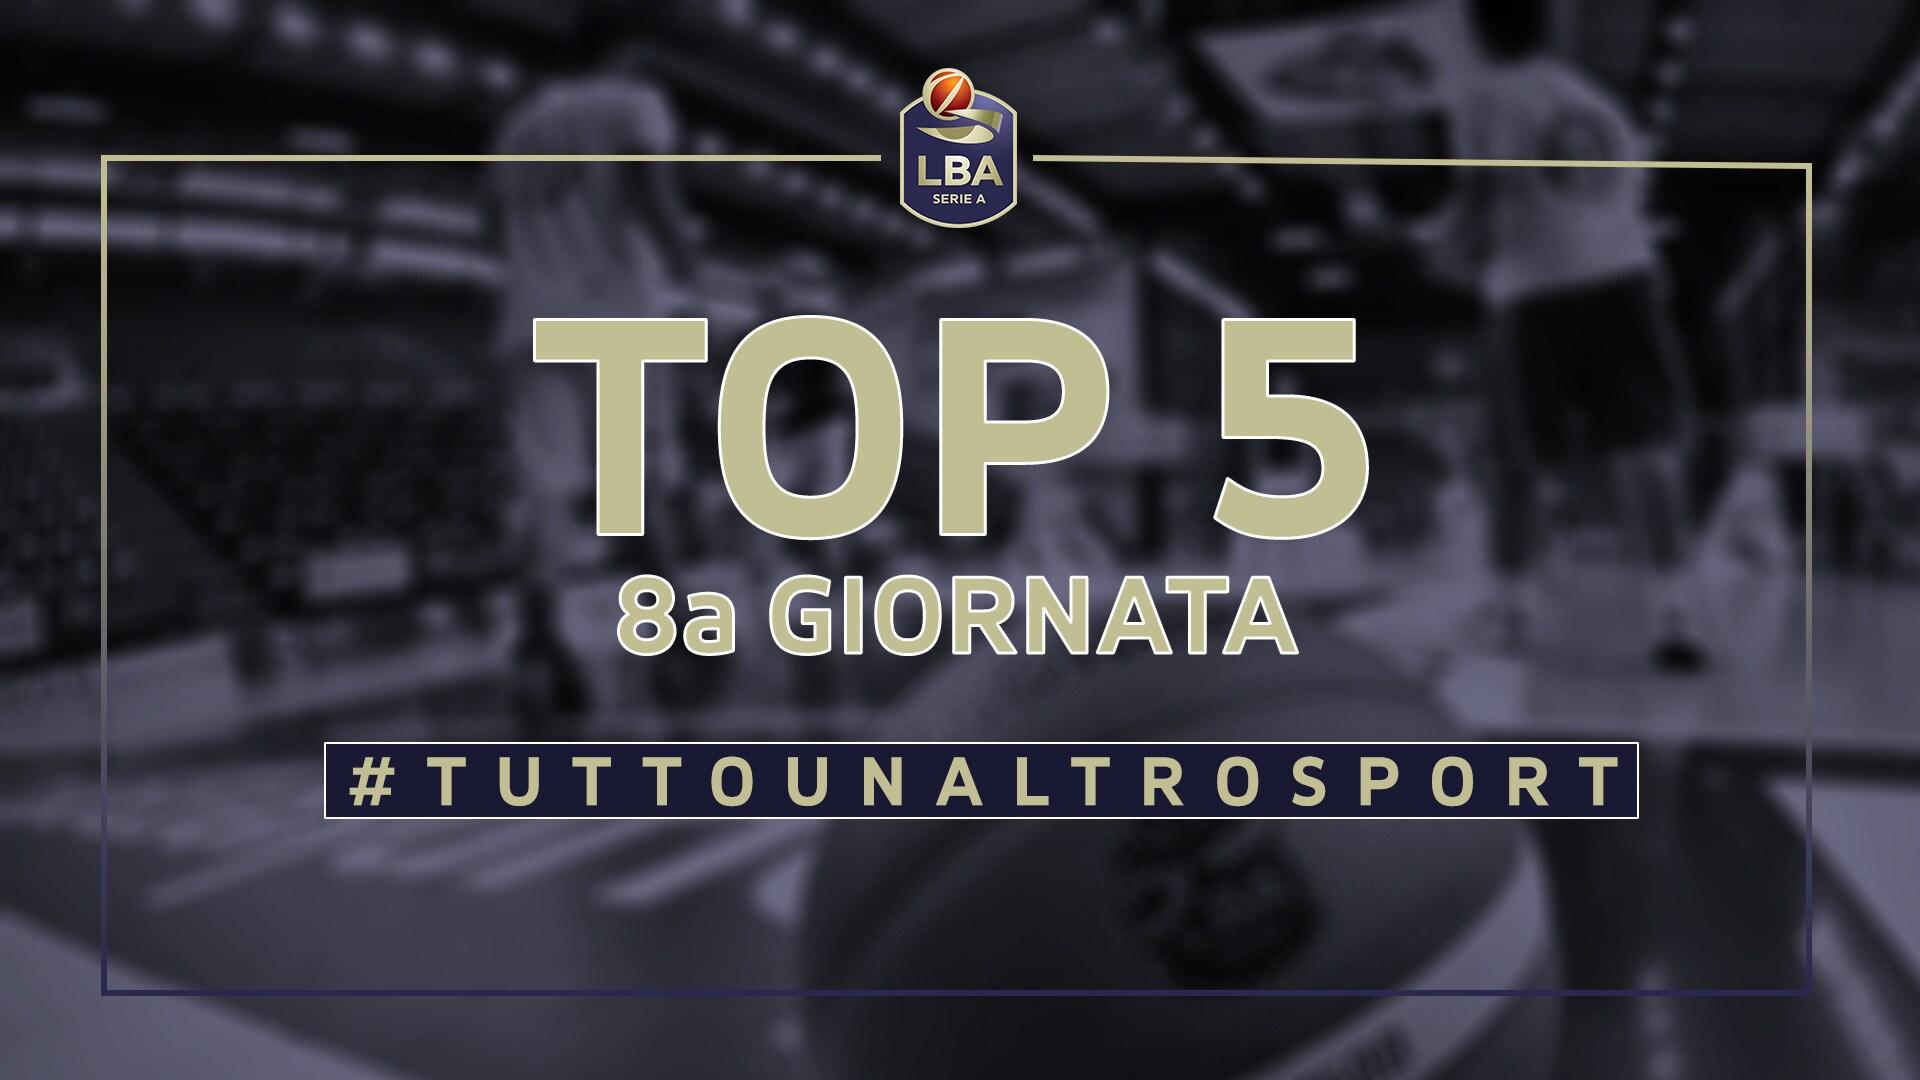 La Top5 della 8a giornata del campionato LBA di basket